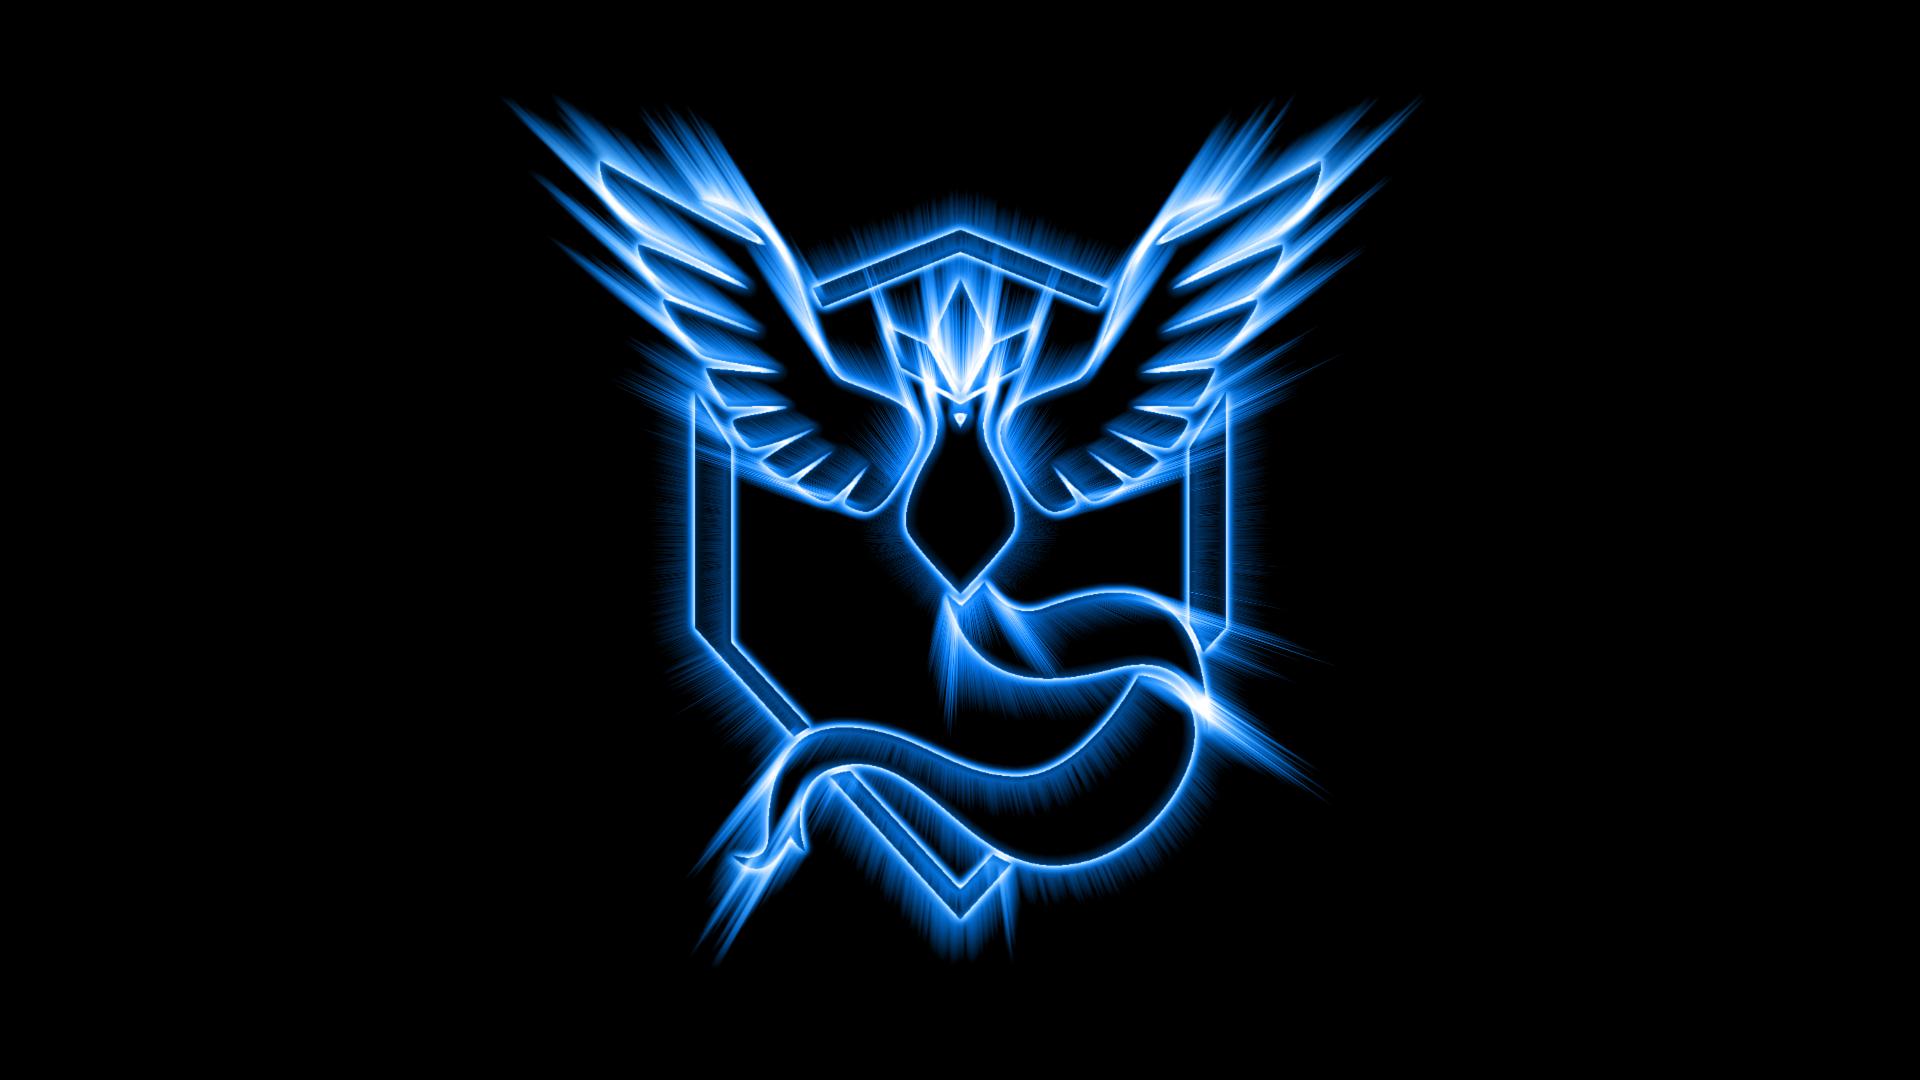 go team mystic pokemon - photo #18